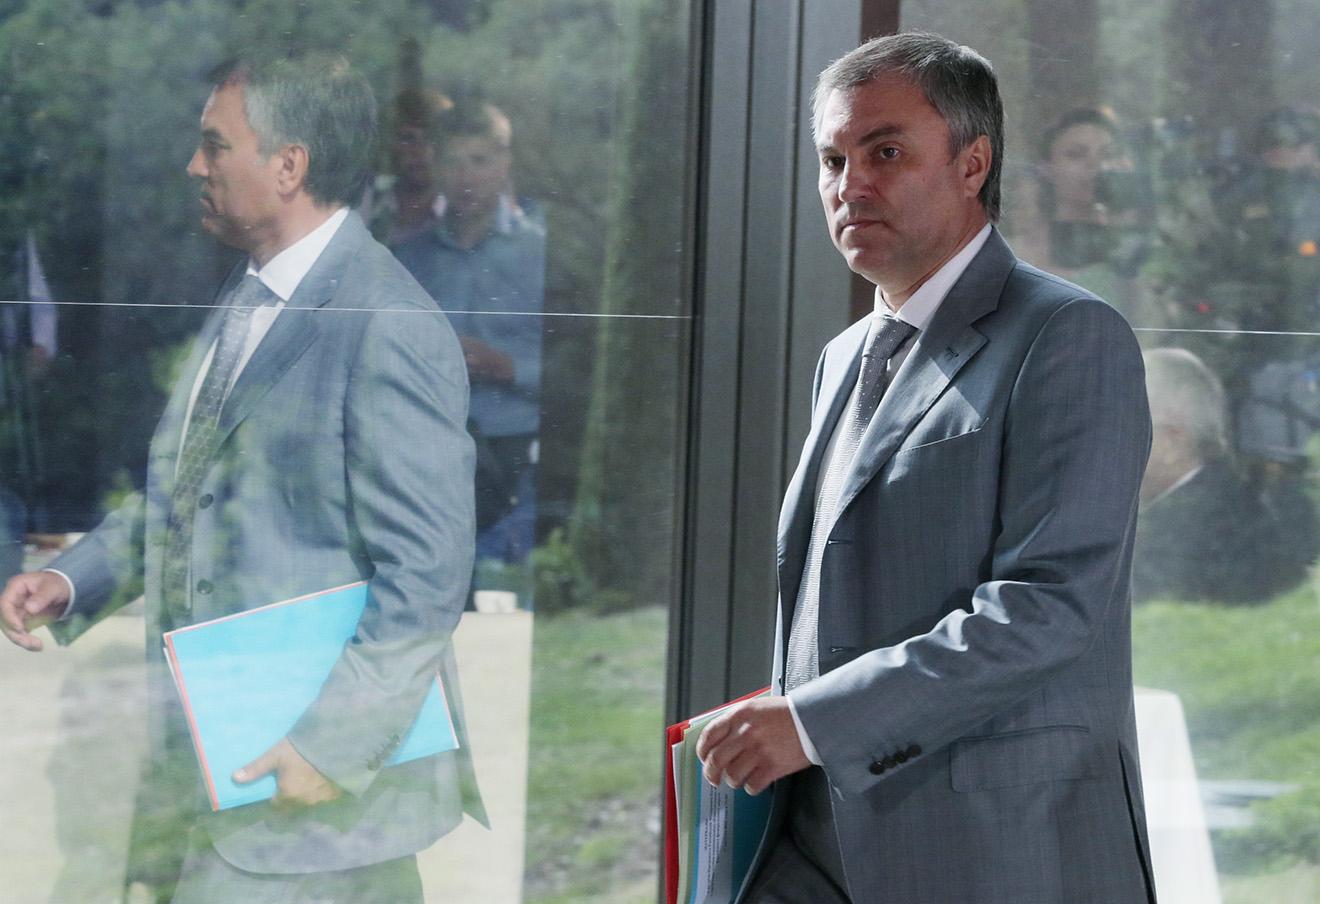 Вячеслав Володин. Фото: Михаил Метцель / ТАСС